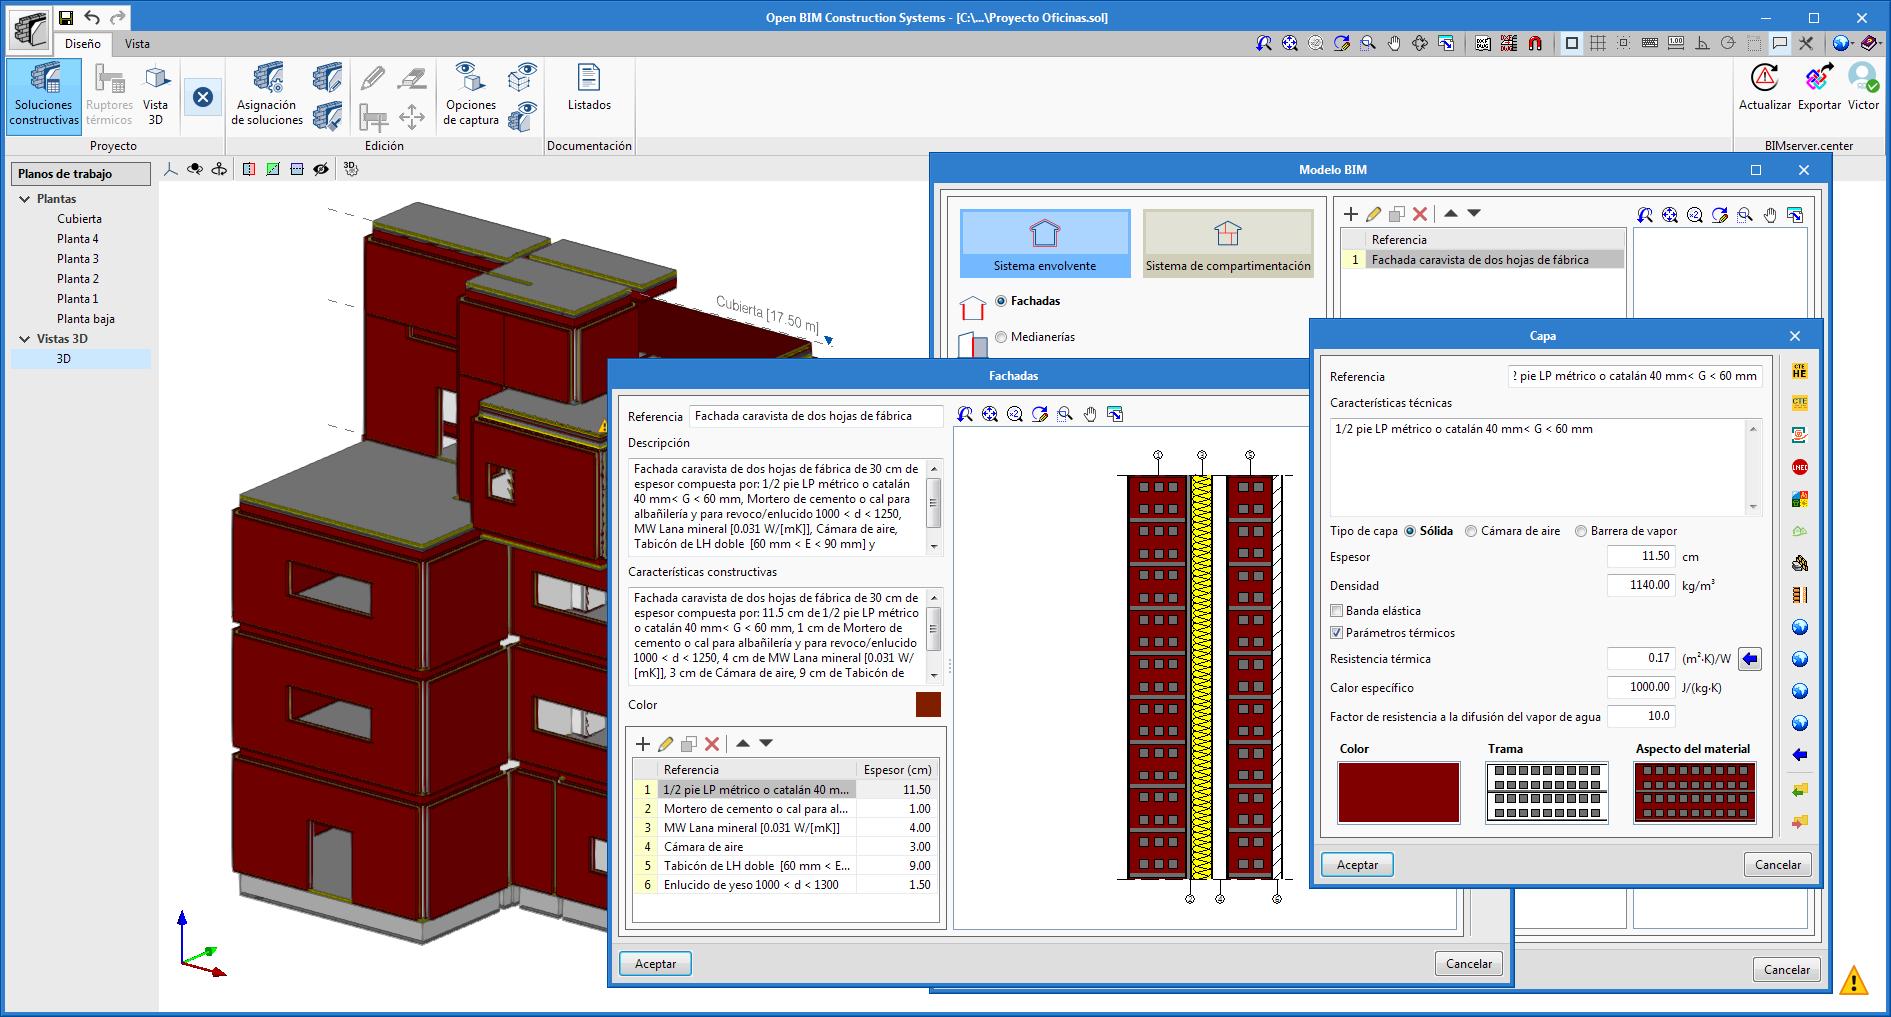 Open BIM Construction Systems. Exportación de la definición de las soluciones constructivas para las aplicaciones de cálculo térmico y acústico